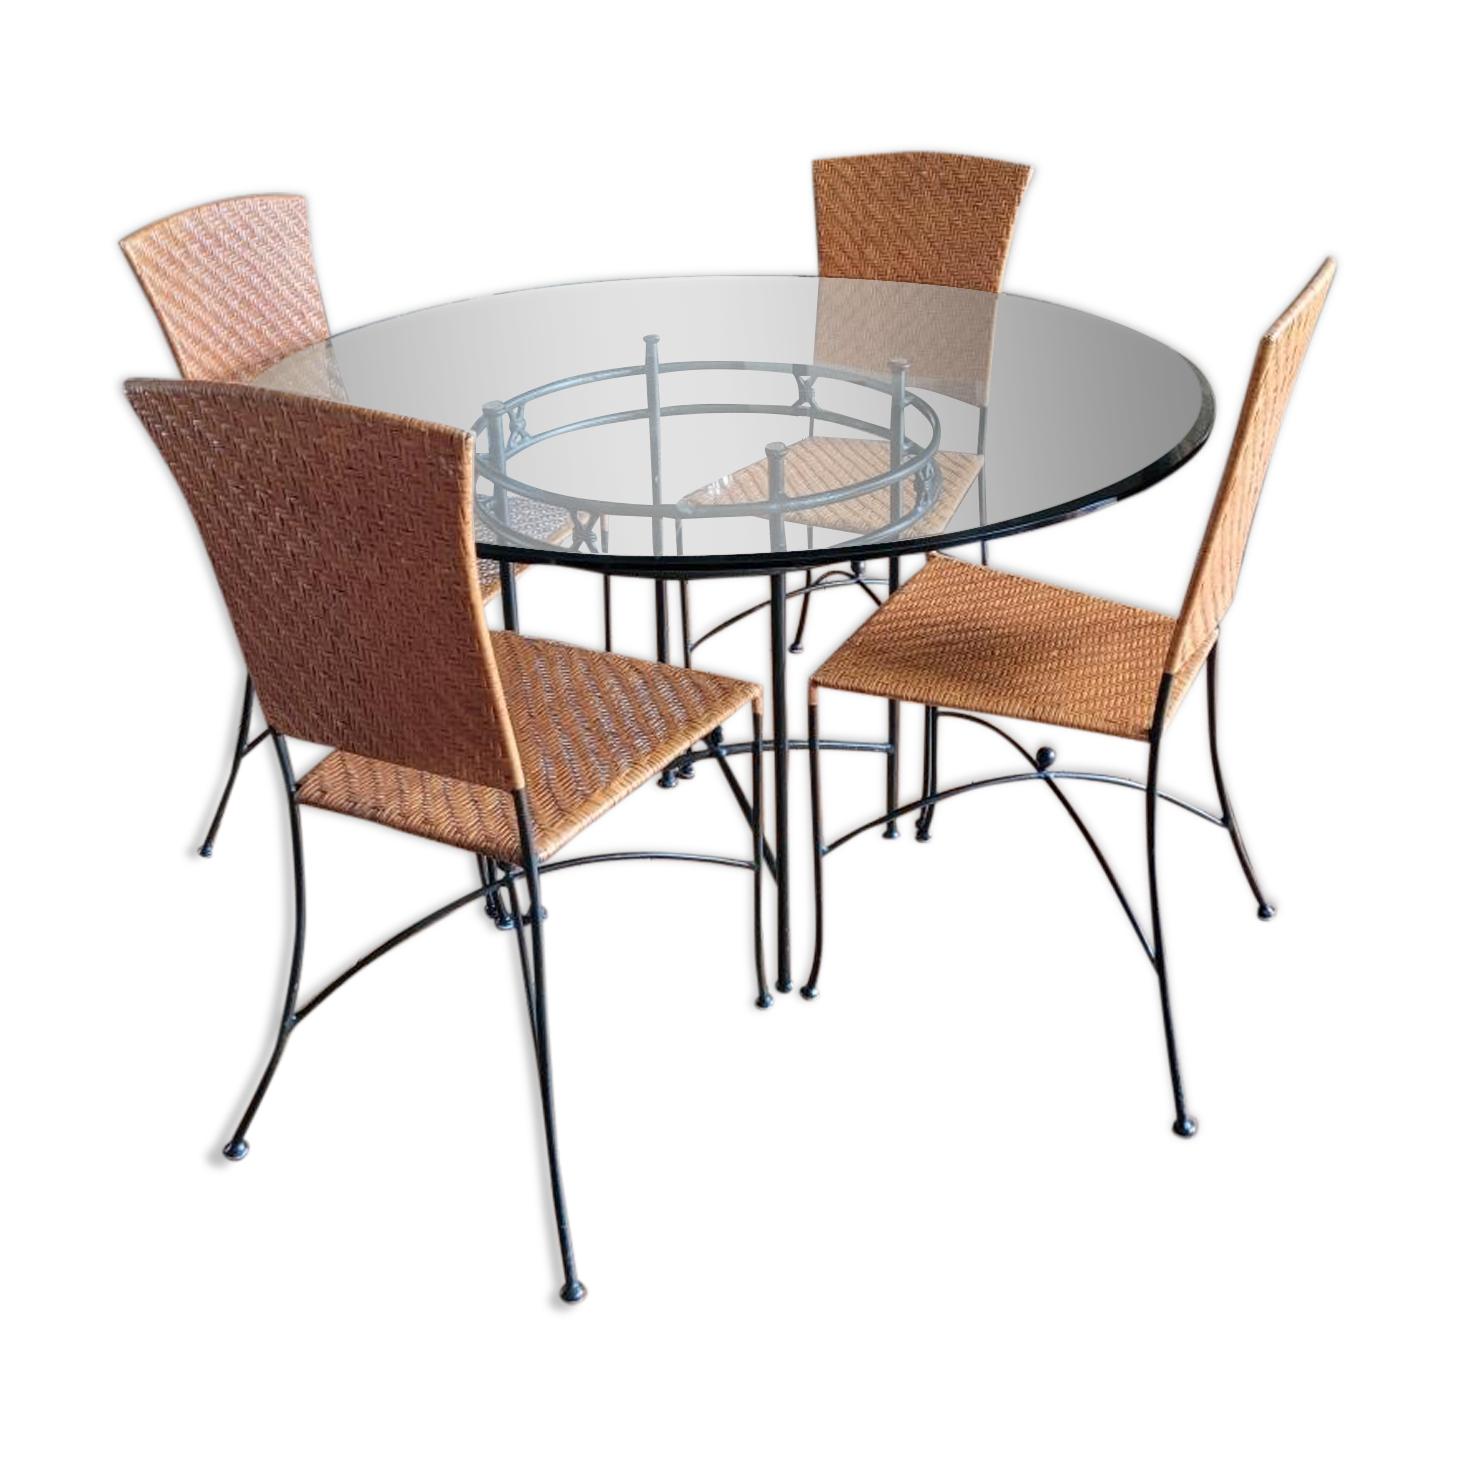 Table verre et métal et ses 4 chaises osier et verre Roche Bobois